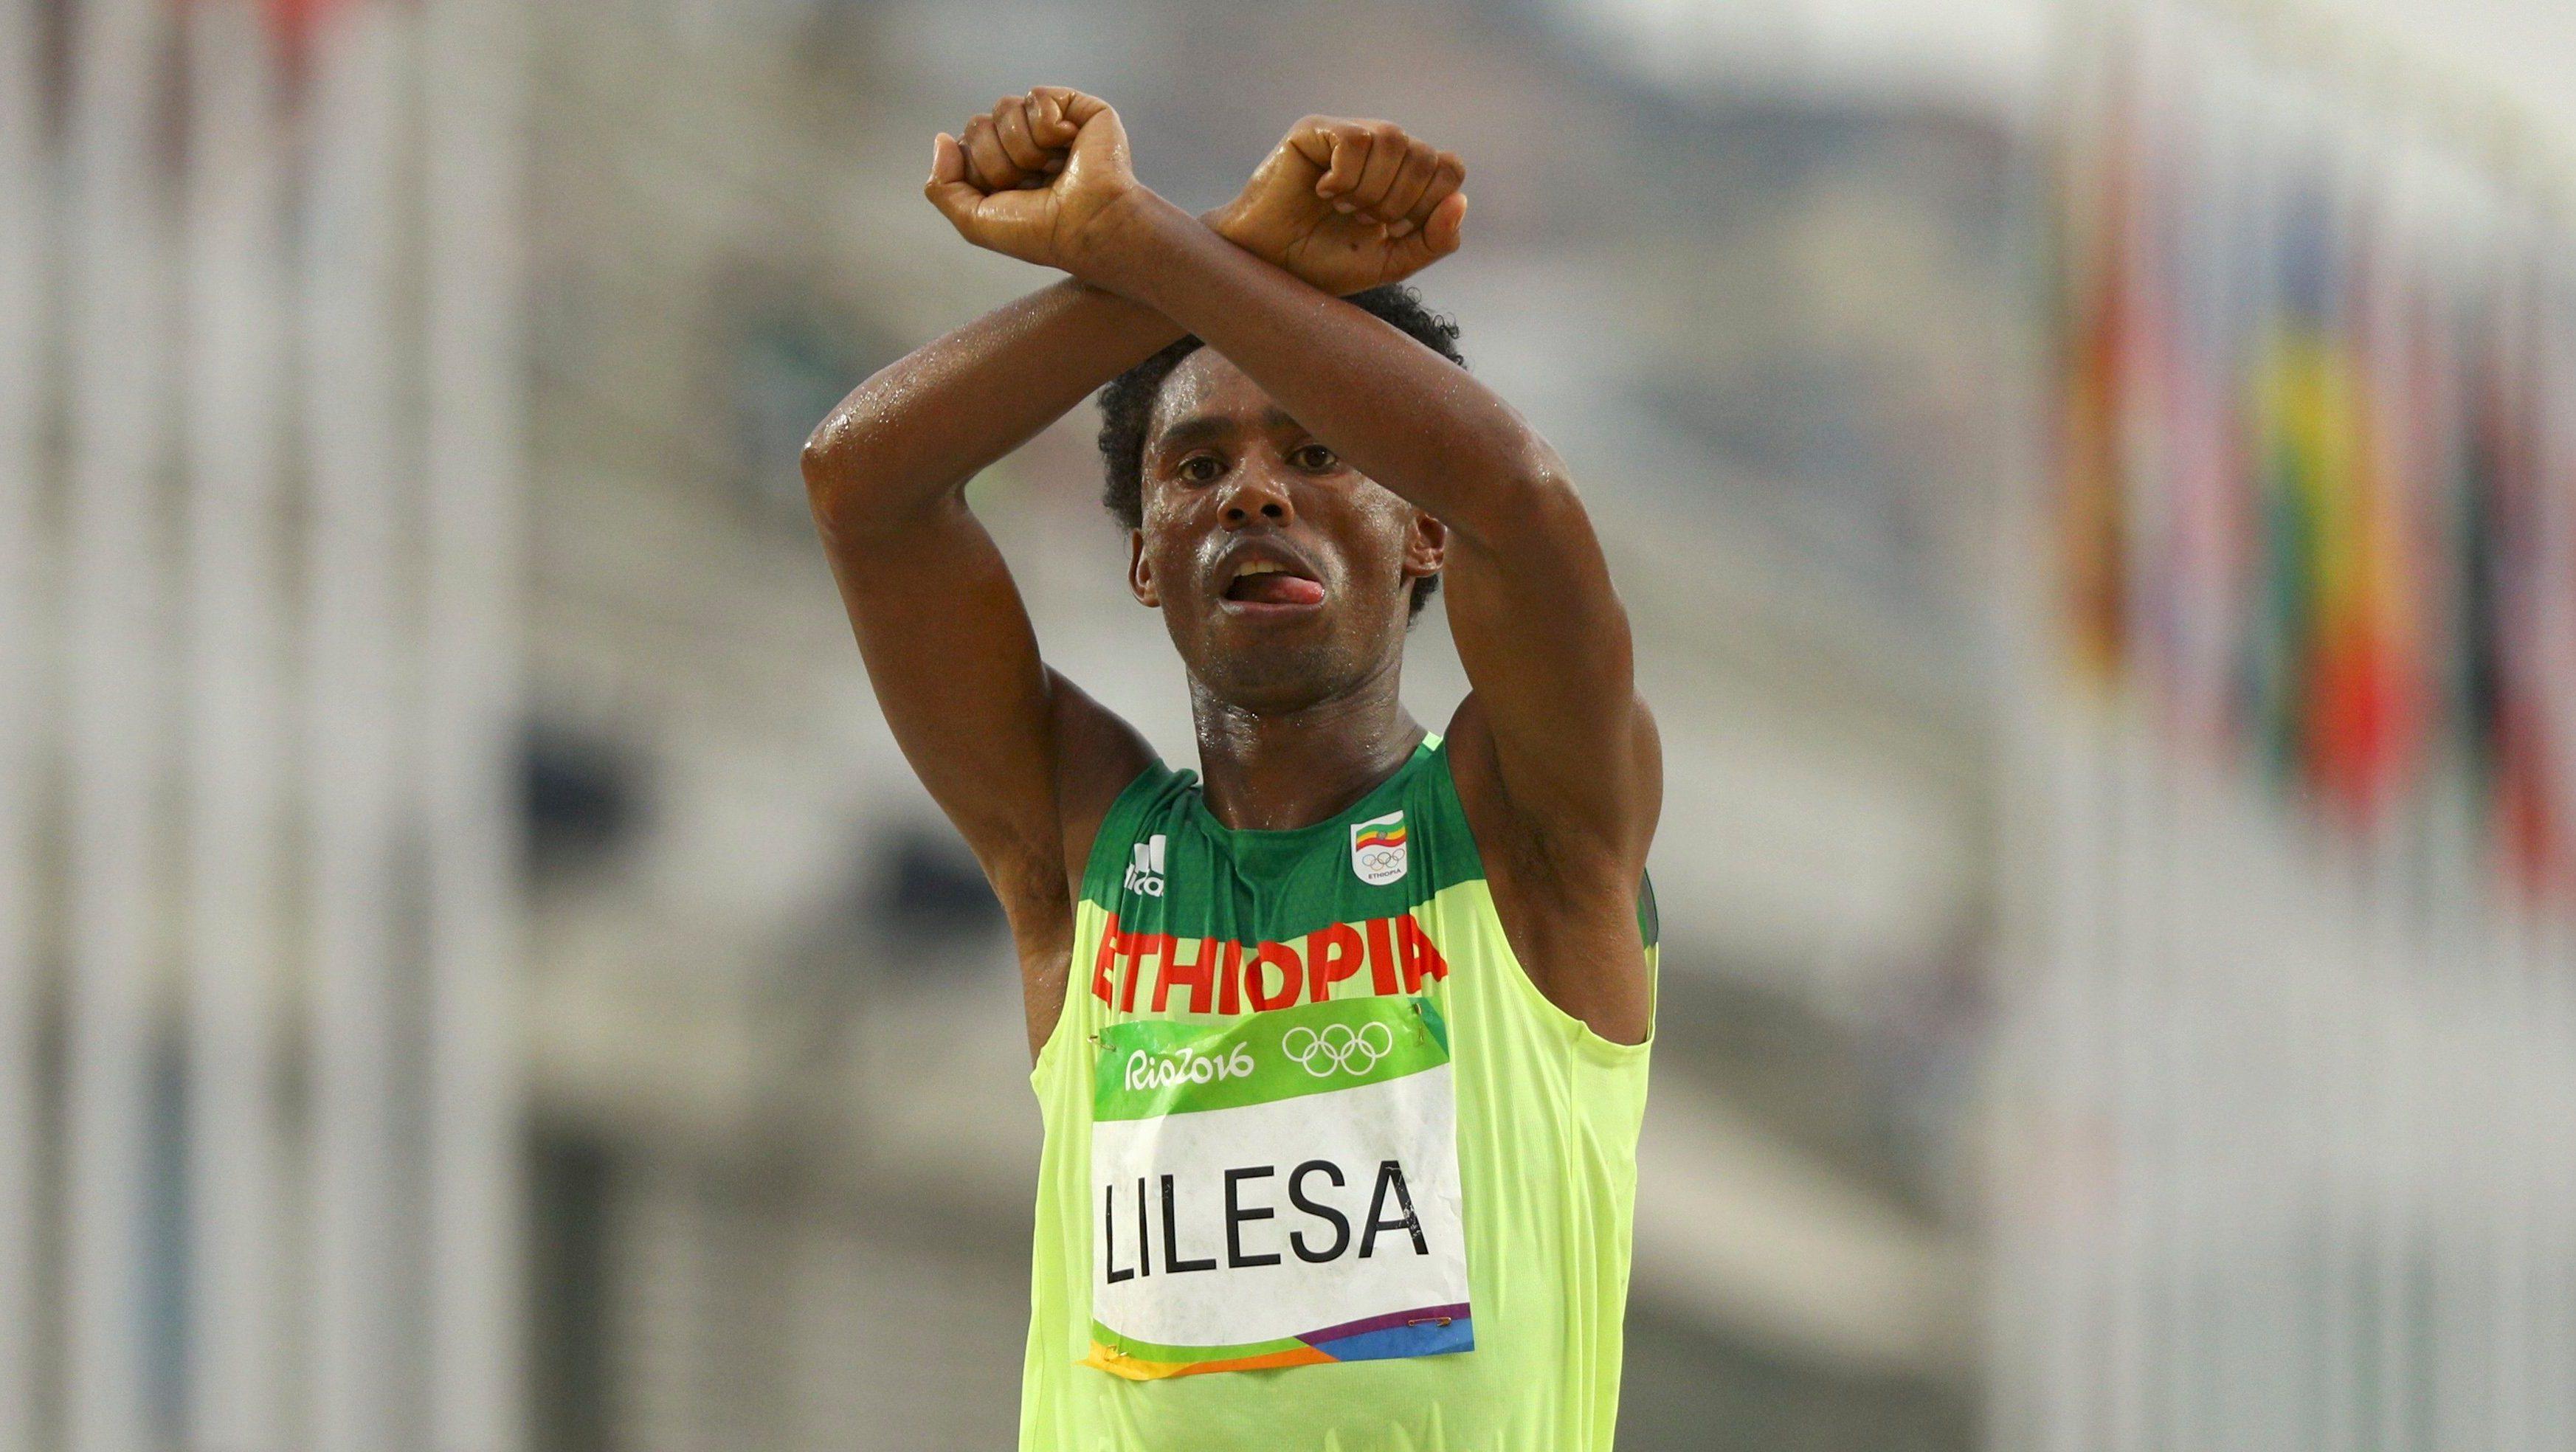 2016 Rio Olympics - Athletics - Final - Men's Marathon - Sambodromo - Rio de Janeiro, Brazil - 21/08/2016. Feyisa Lilesa (ETH) of Ethiopia celebrates.